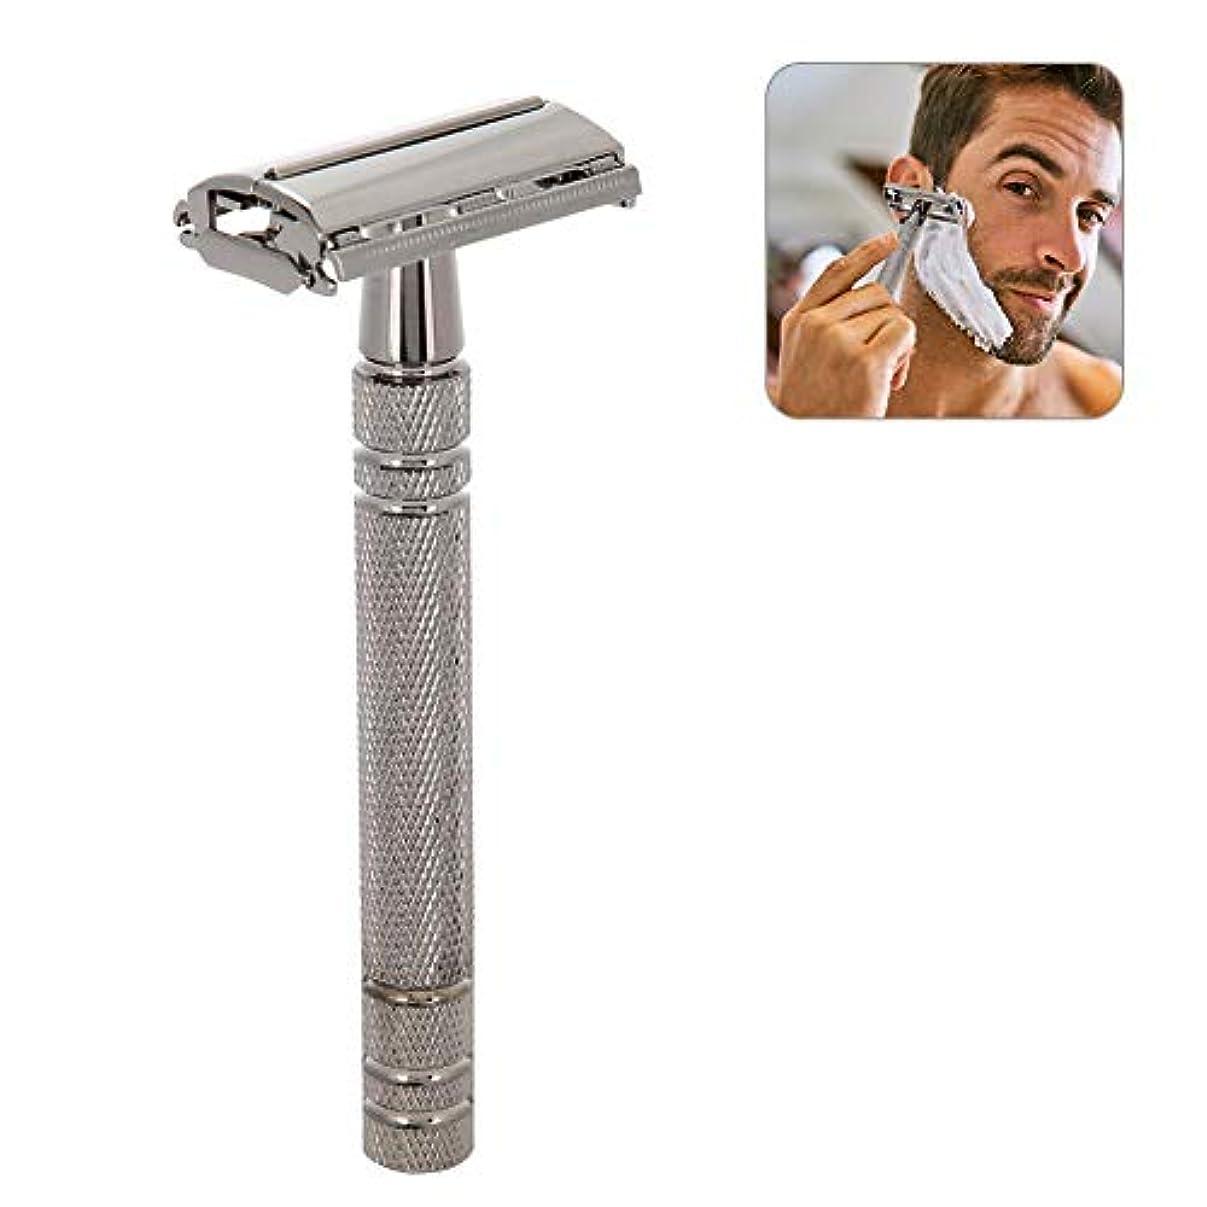 小屋急降下小数メンズシェーバー クラシックレイザー 脱毛器 剃刀 手動 交換可能なブレード(シルバー)